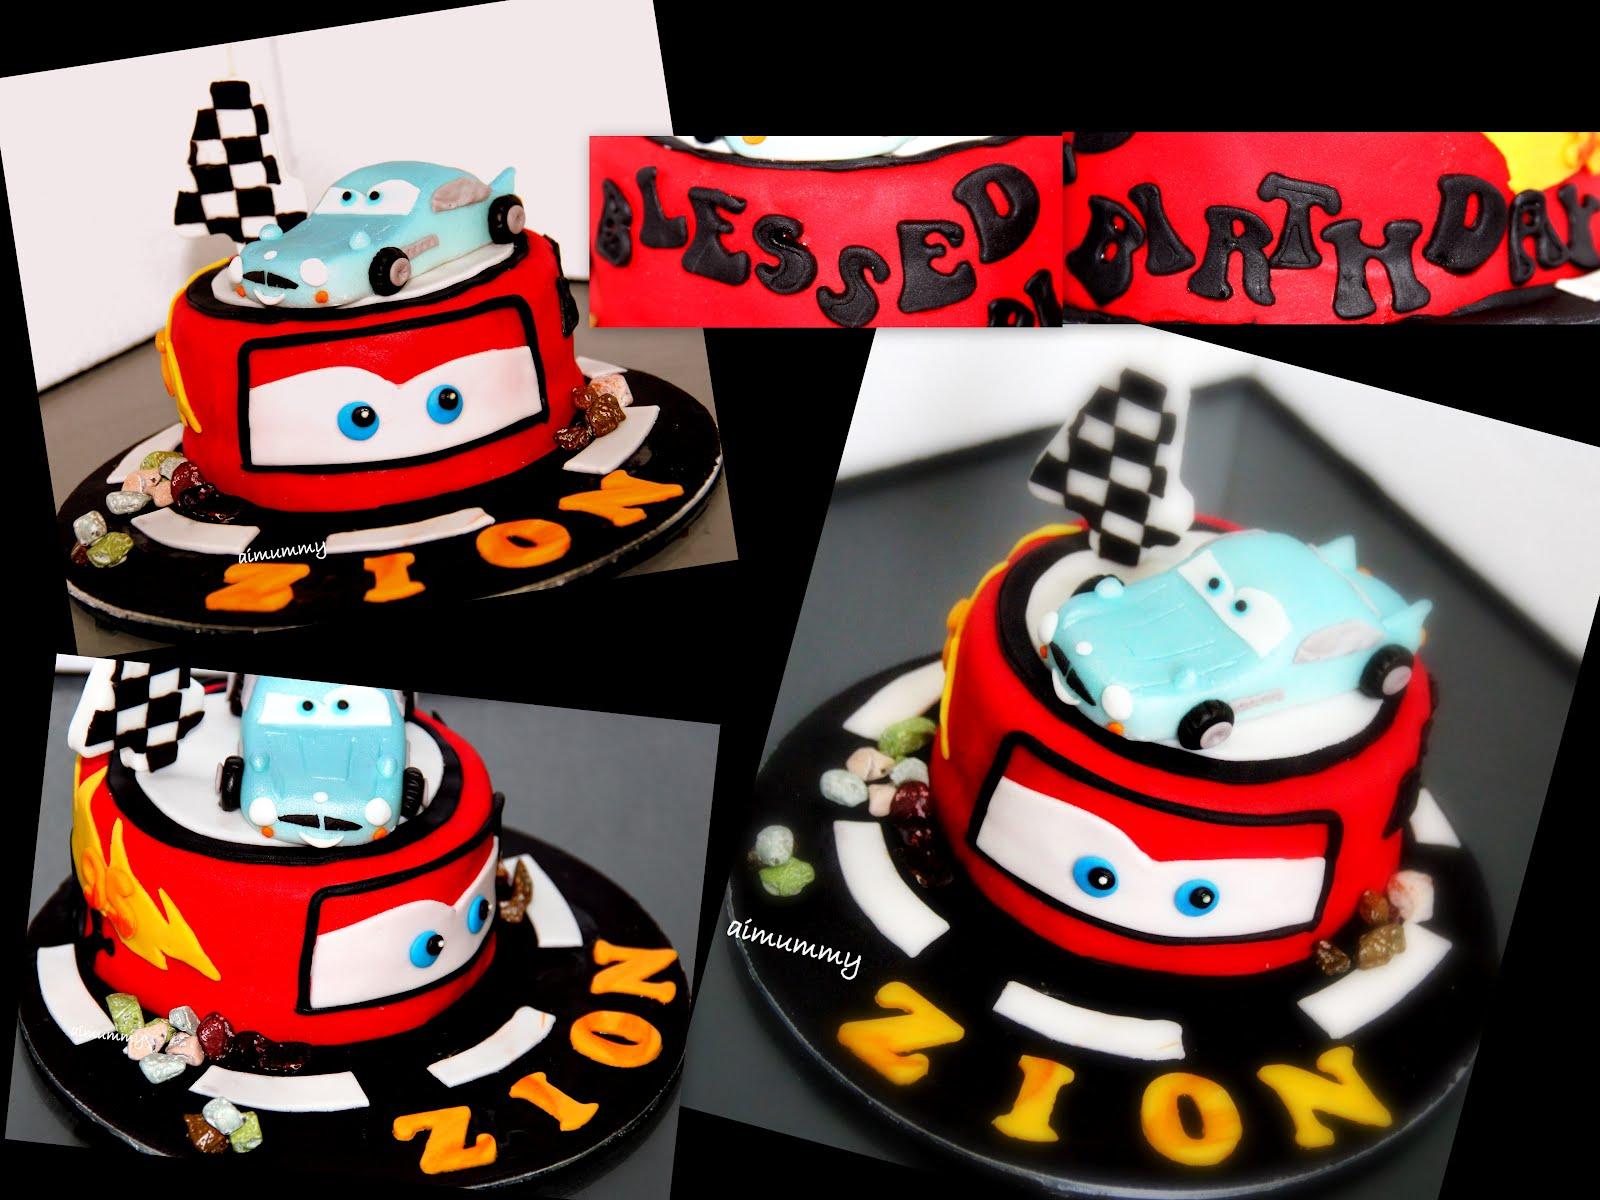 Disney Cars Birthday Cake: AiMummy: Zion's Disney Car Theme Cake